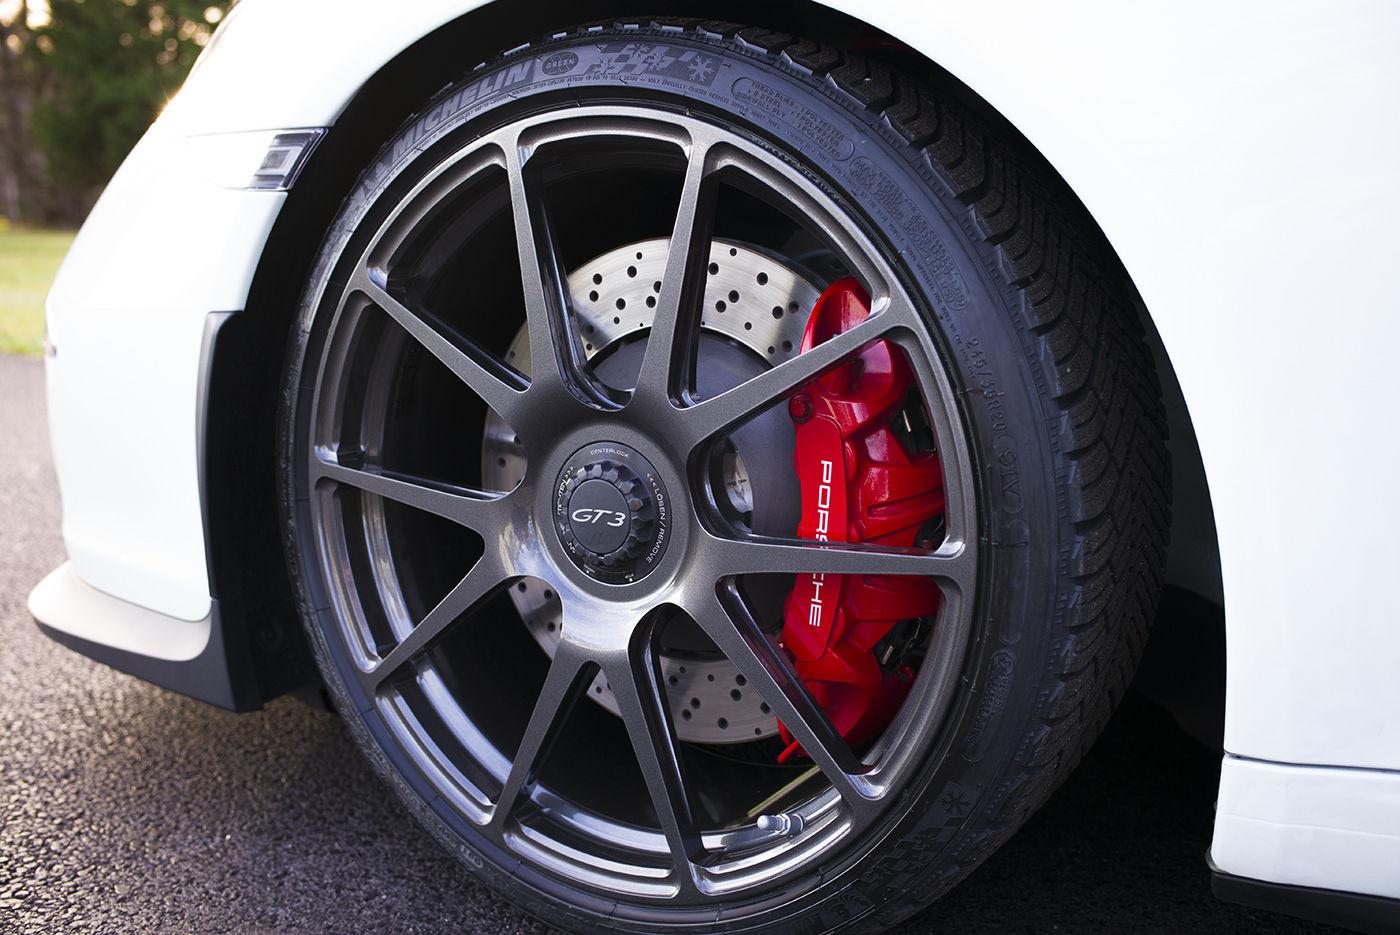 2014 Porsche 911 | Robert Laws' Porsche 991 GT3 on Center Locking One Piece Forged Monoblock Forgeline GA1R Wheels